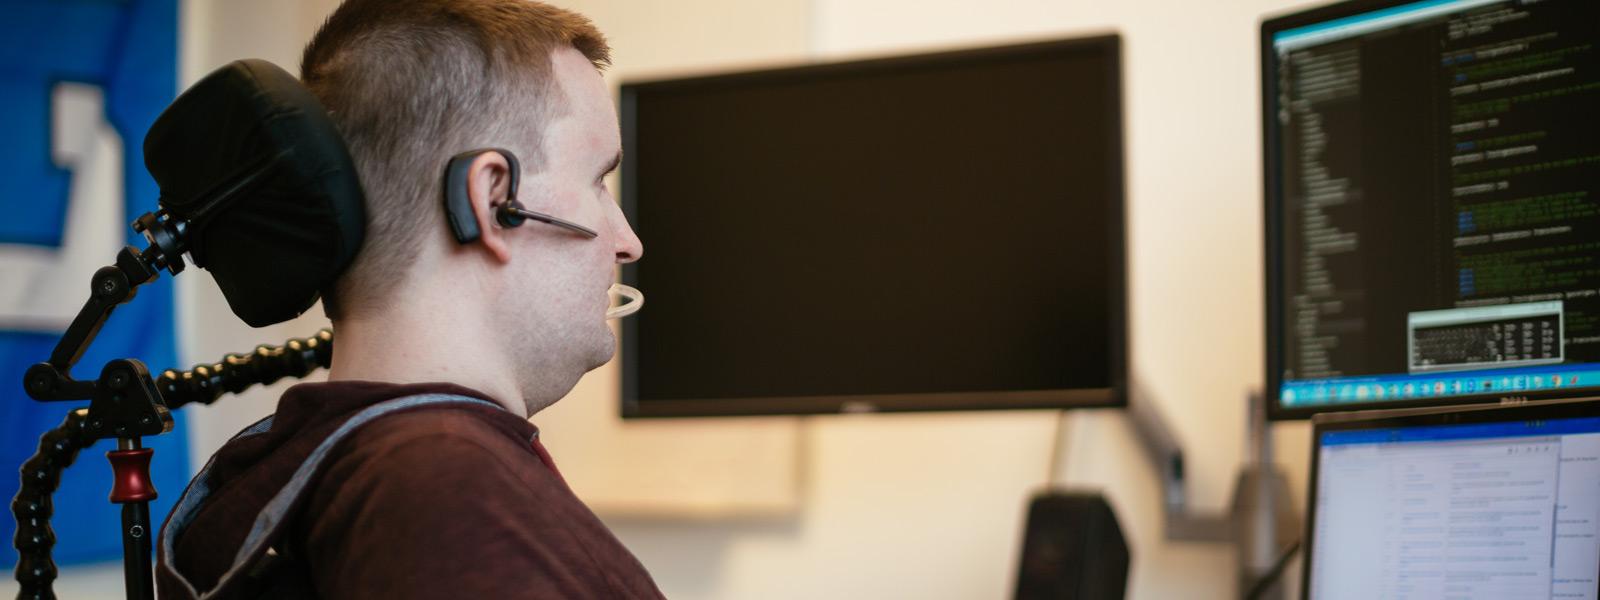 Мужчина за столом использует вспомогательное оборудование, чтобы управлять компьютером с Windows 10 при помощи глаз